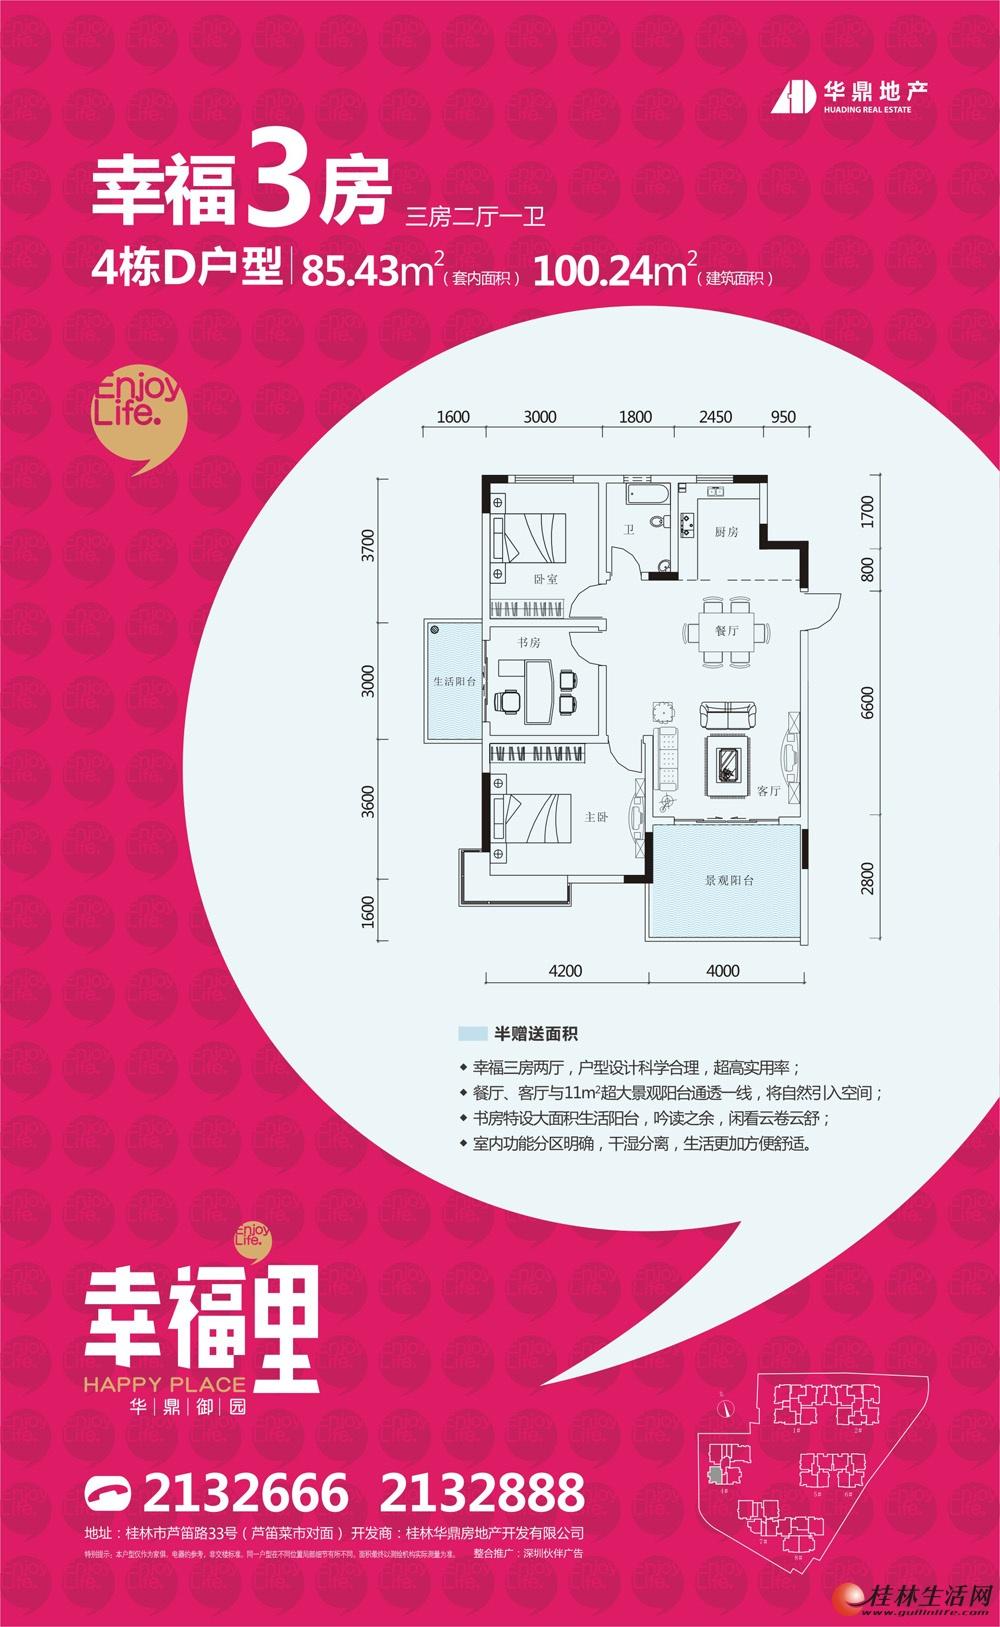 4栋D户型 三房两厅一卫 100.24㎡